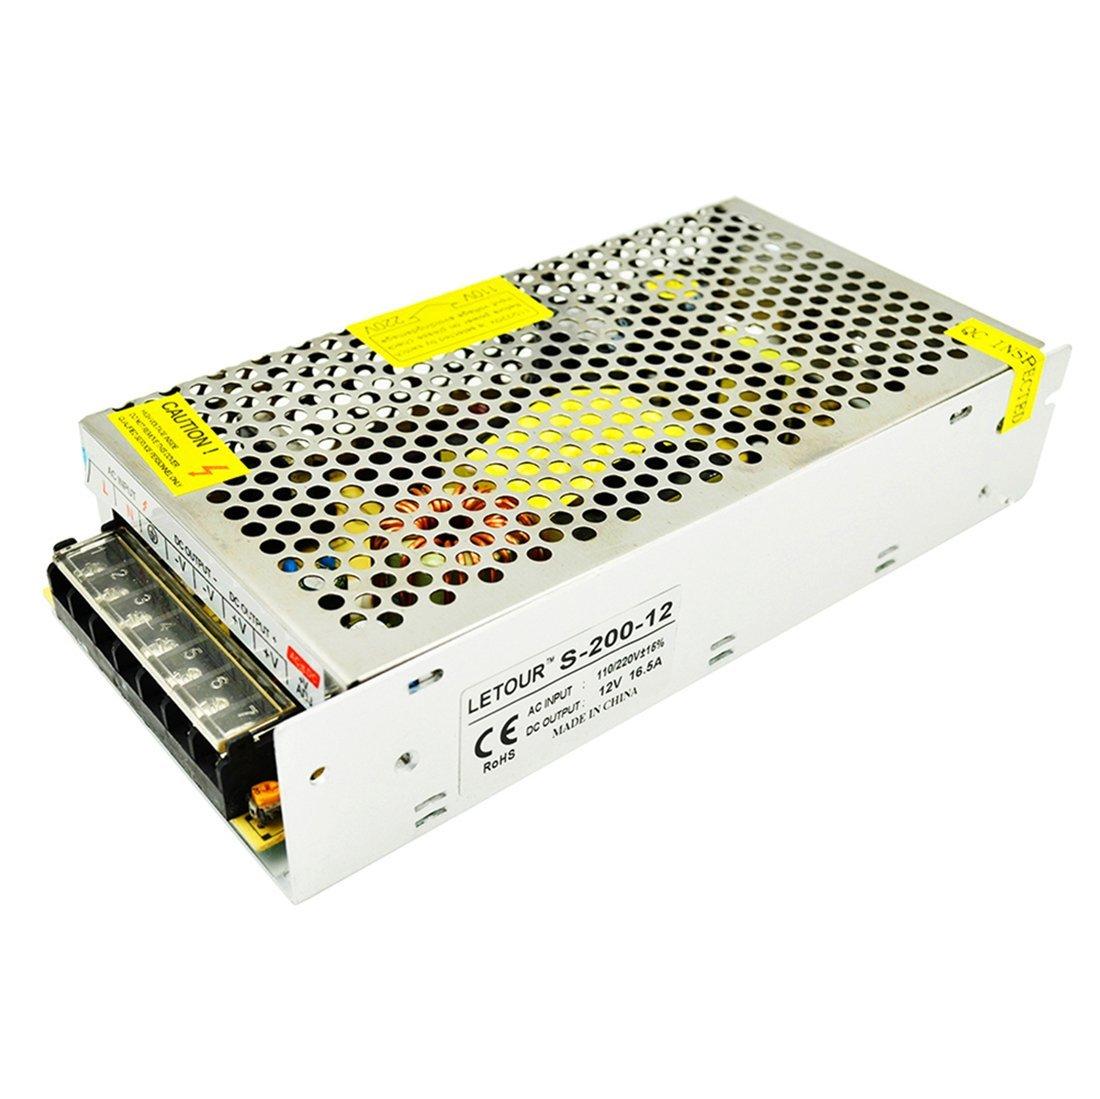 LETOUR 12V DC Power Supply 16.5A 200W AC 96V-240V Converter DC 12Volt 200Watt Adapter LED Power Supply for LED Lighting,LED Strip,CCTV